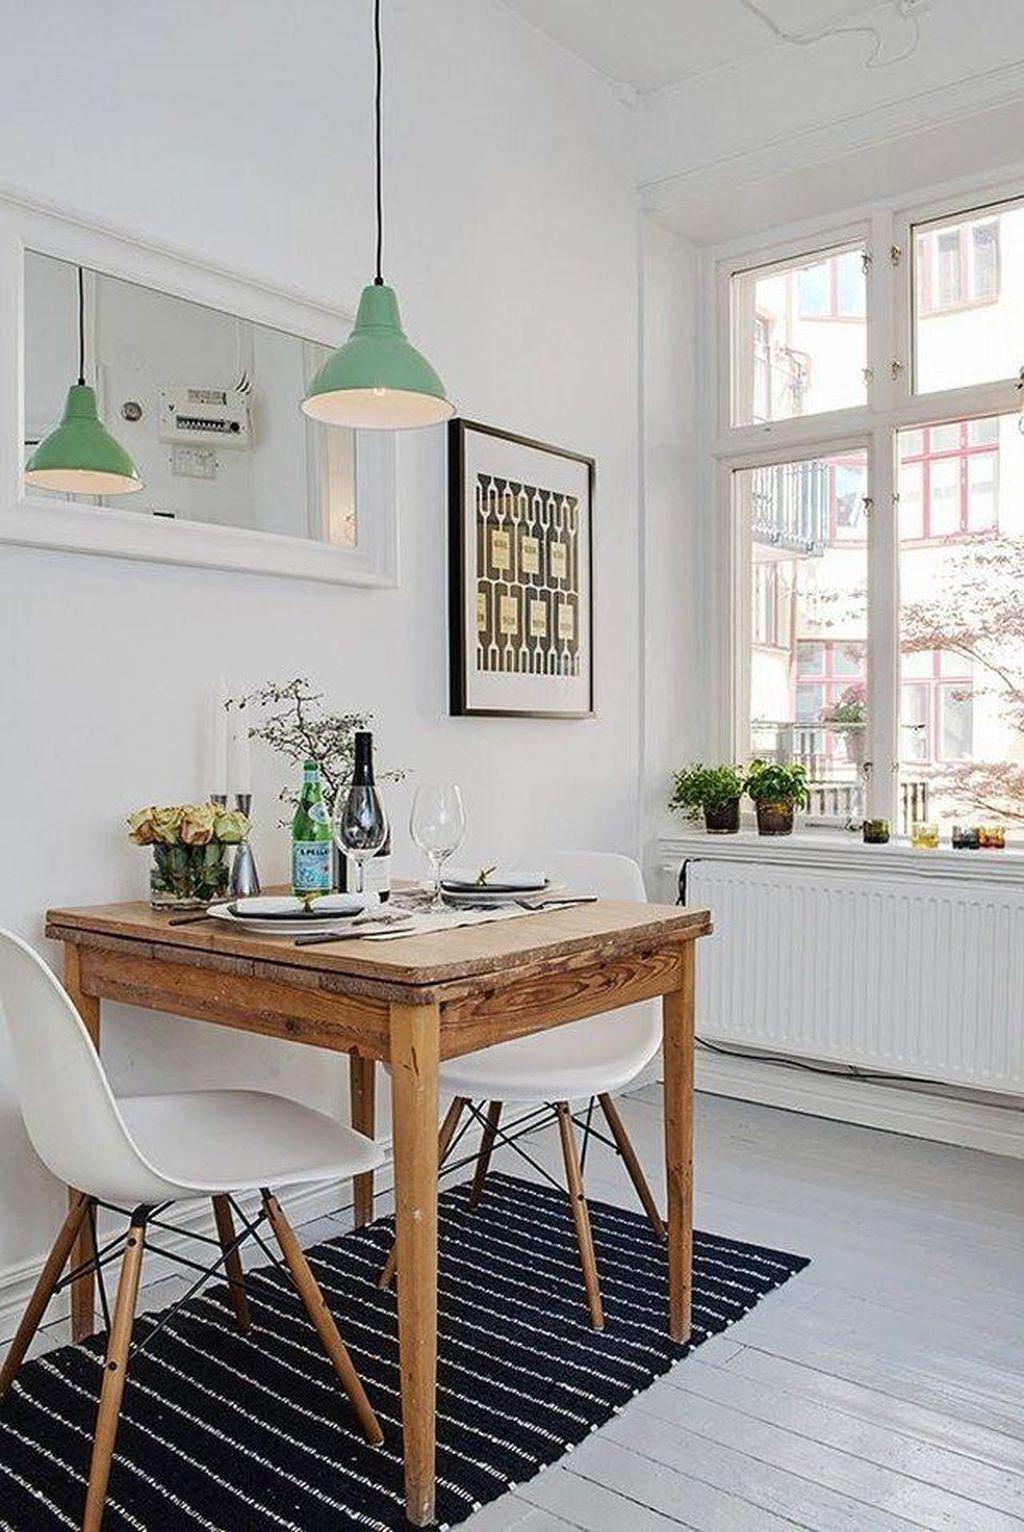 Brilliant Tiny Apartment Decorating Ideas You Should Copy 32